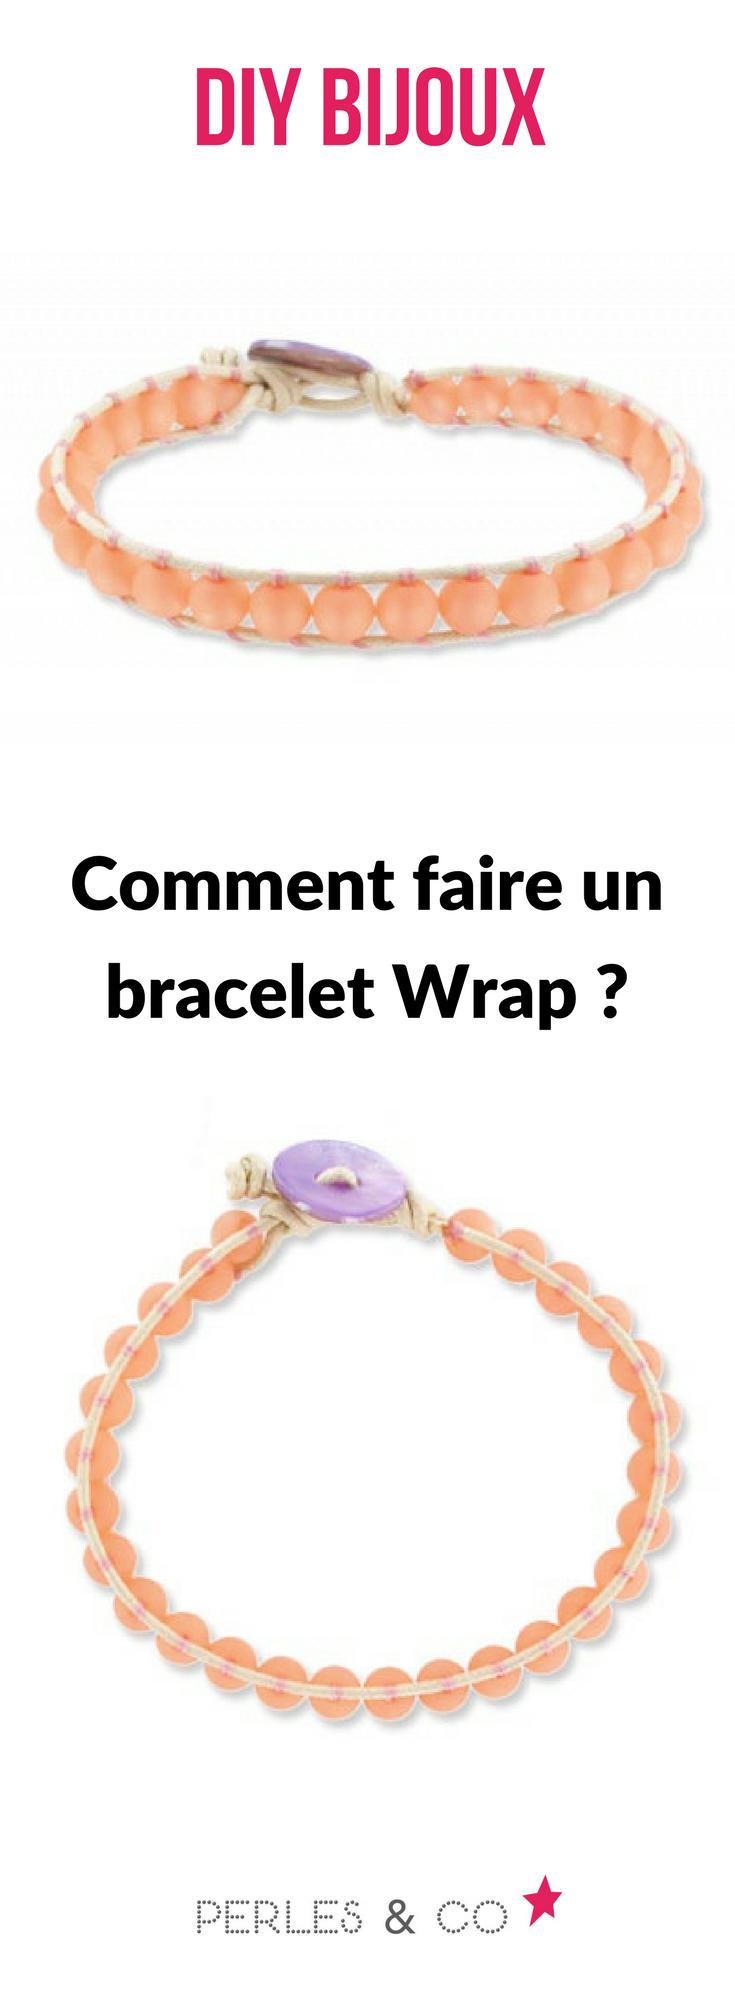 comment faire un bracelet wrap ? retrouvez nos conseils pour